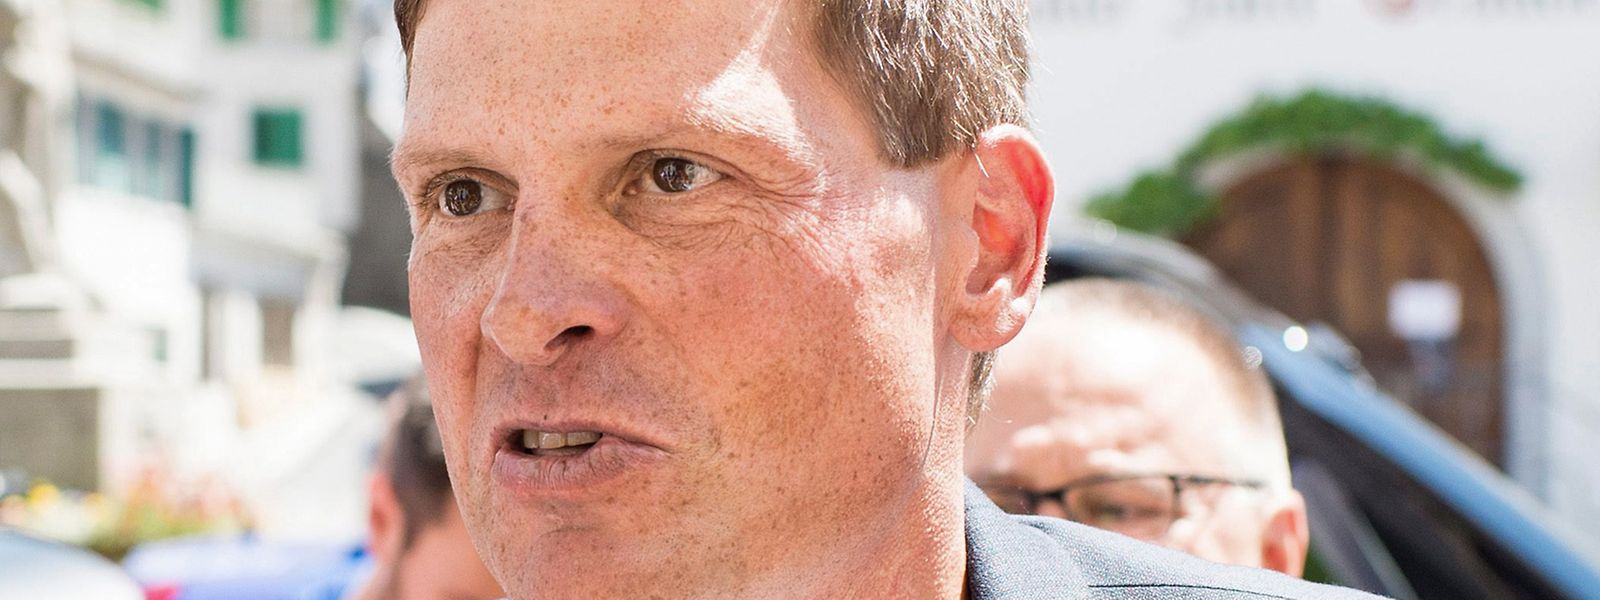 Jan Ullrich gilt mit dem Strafbefehl als vorbestraft.